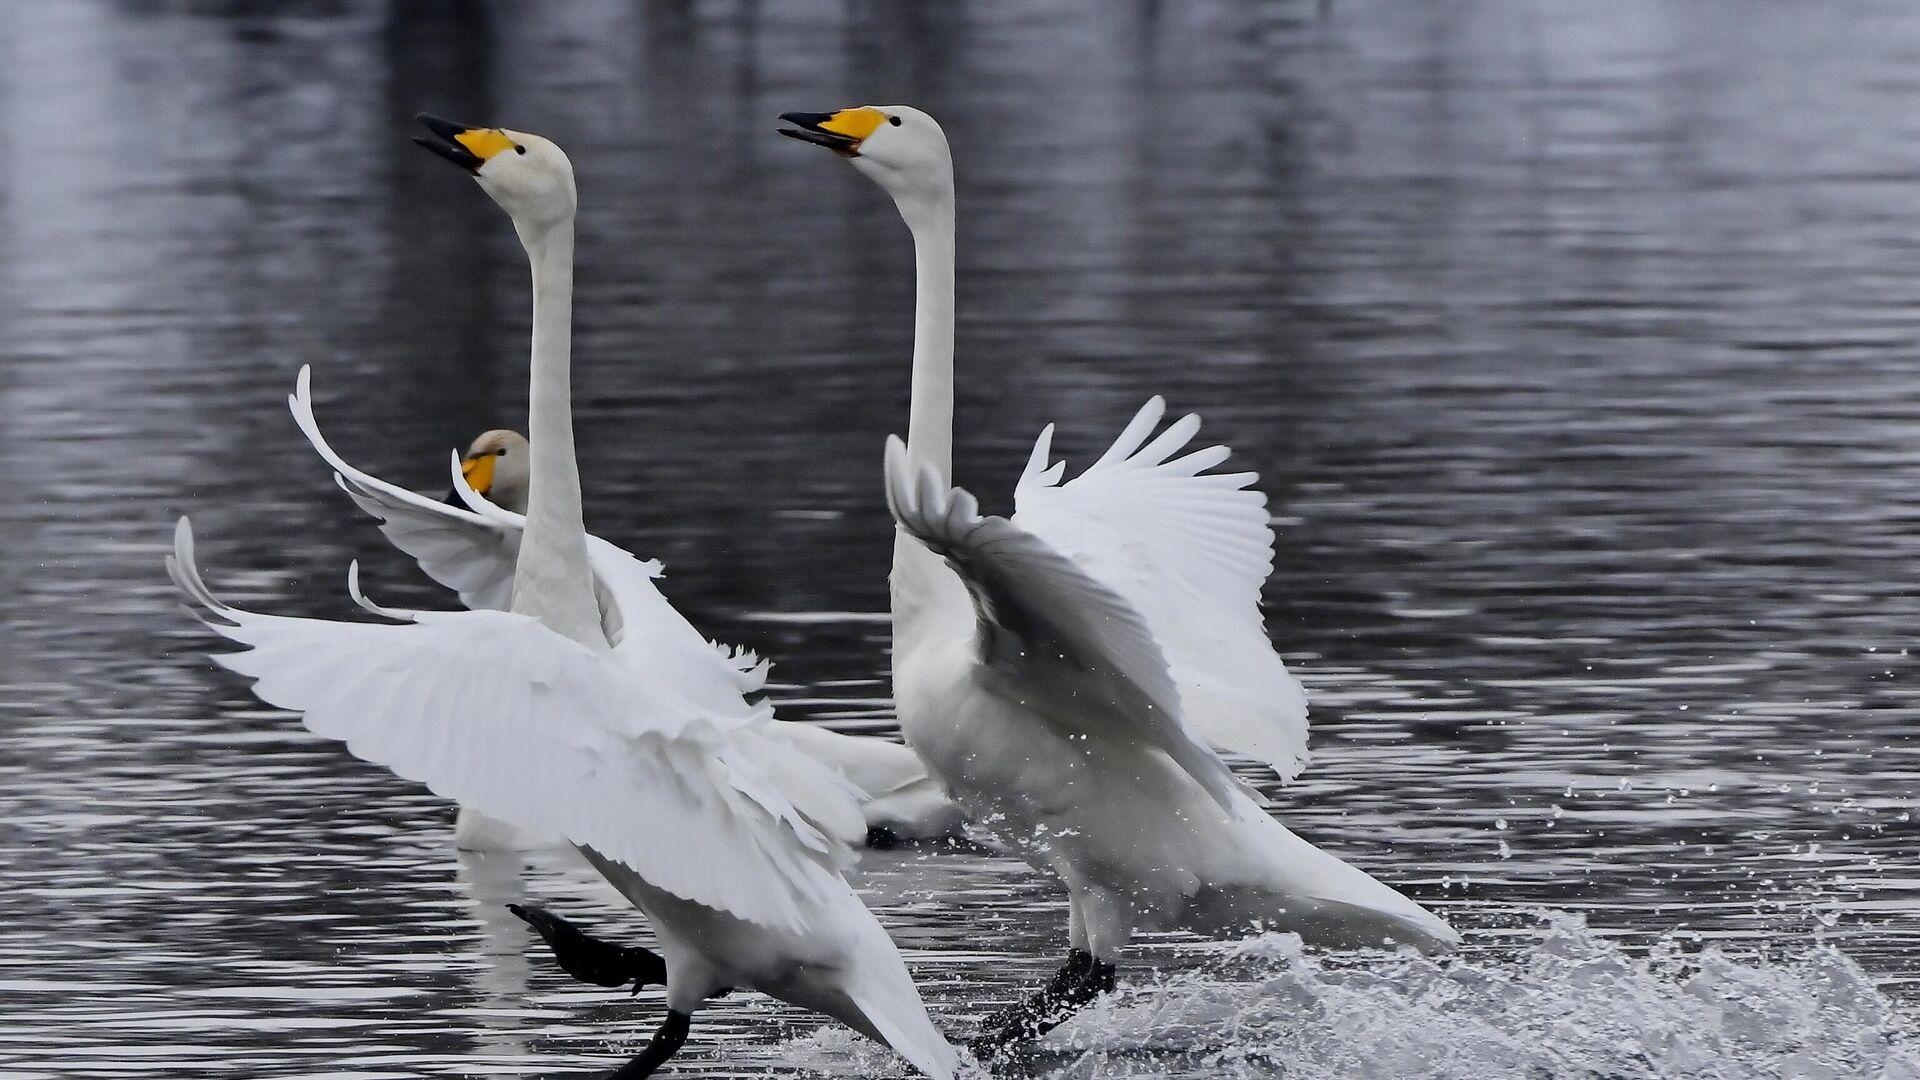 Лебеди-кликуны на Лебедином озере, расположенном на территории государственного природного комплексного заказника Лебединый в Алтайском крае - РИА Новости, 1920, 03.03.2021